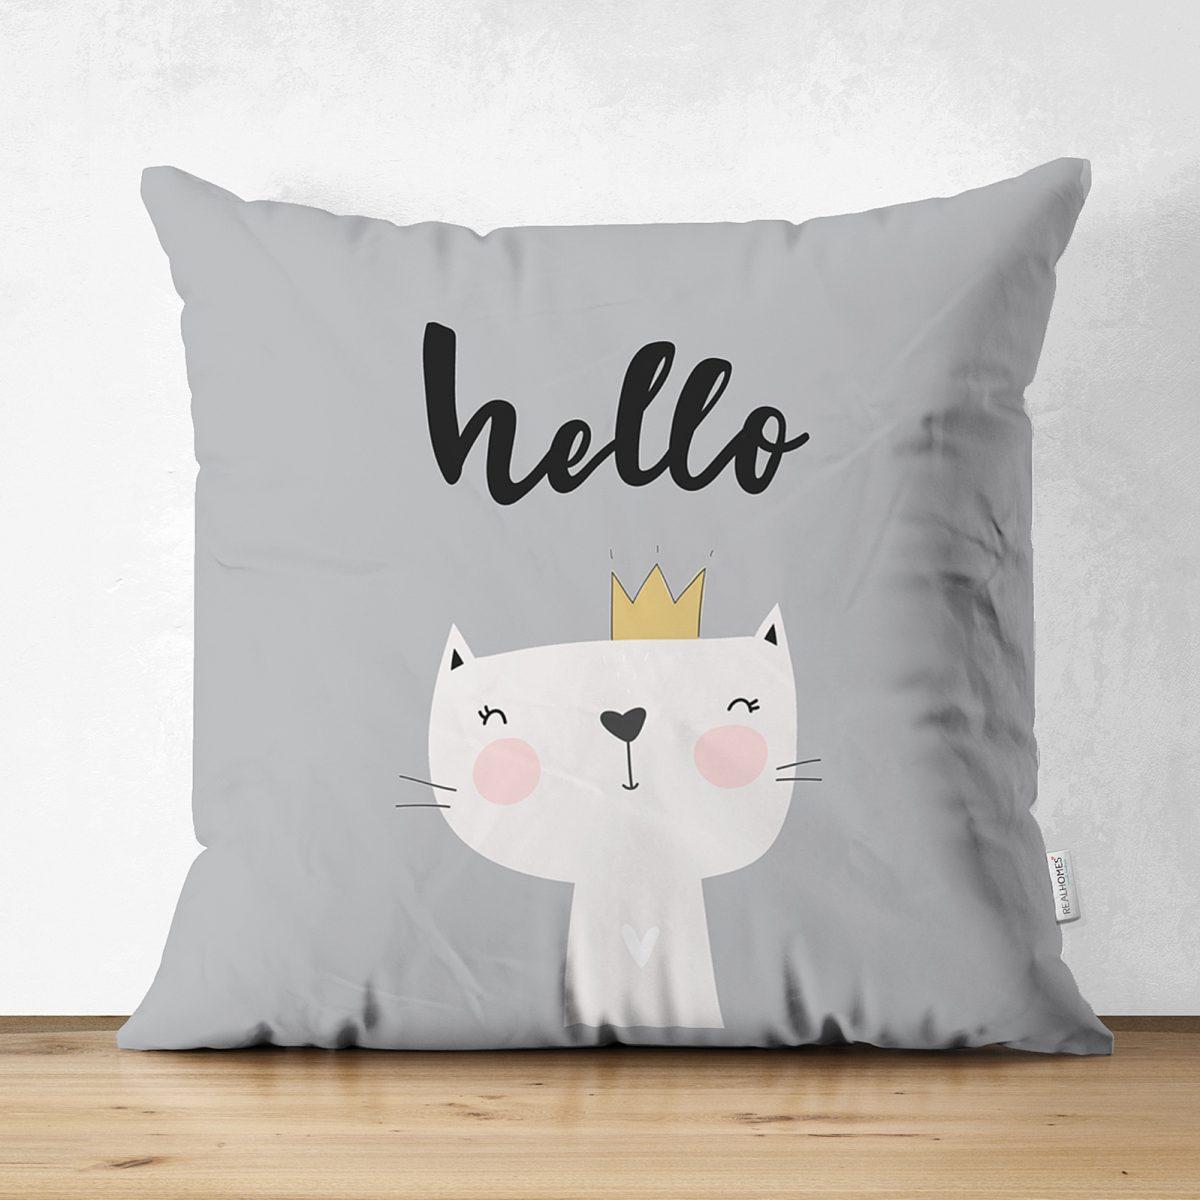 Çift Taraflı Hello Kedicik Özel Tasarımlı Bebek Odası Süet Yastık Kırlent Kılıfı Realhomes